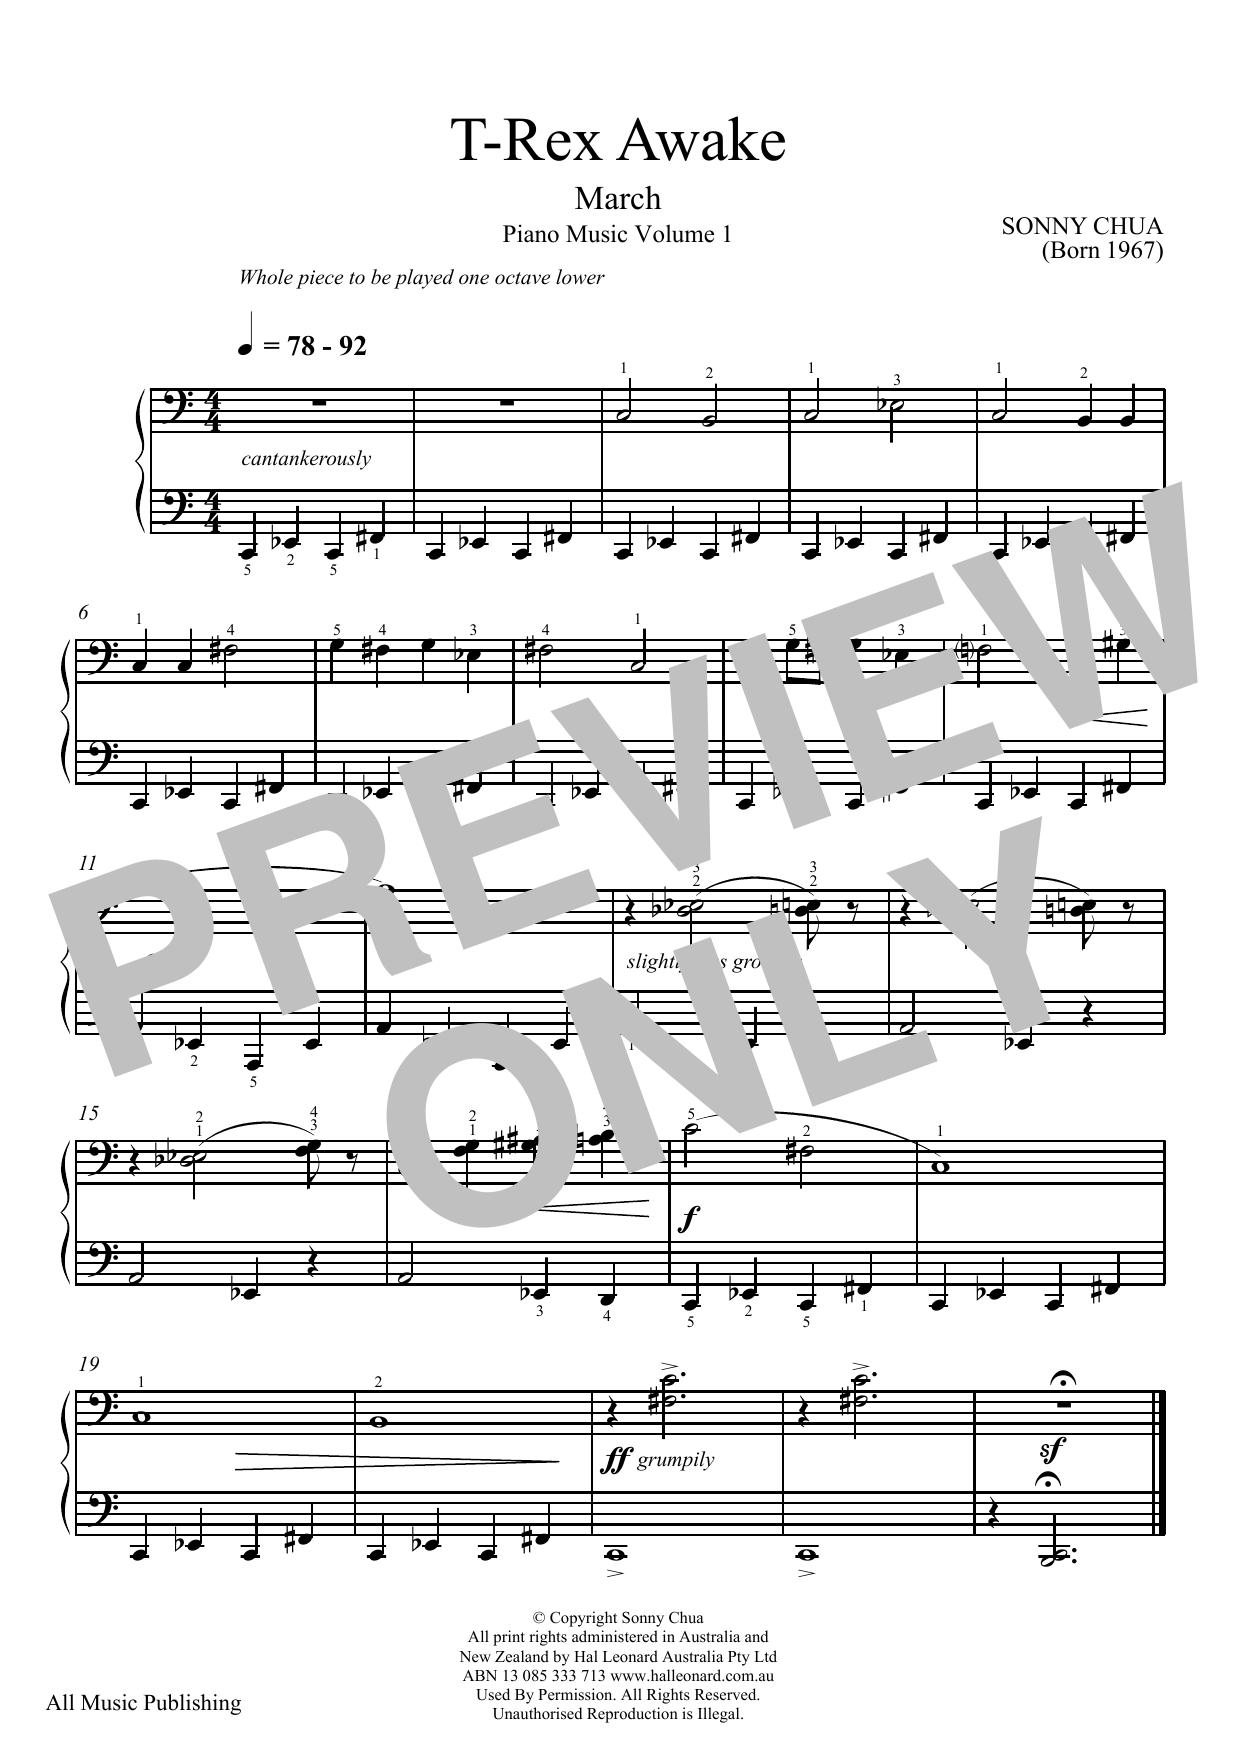 Partition piano T-Rex Awake (From Piano Music Vol 1) de Sonny Chua - Piano Solo